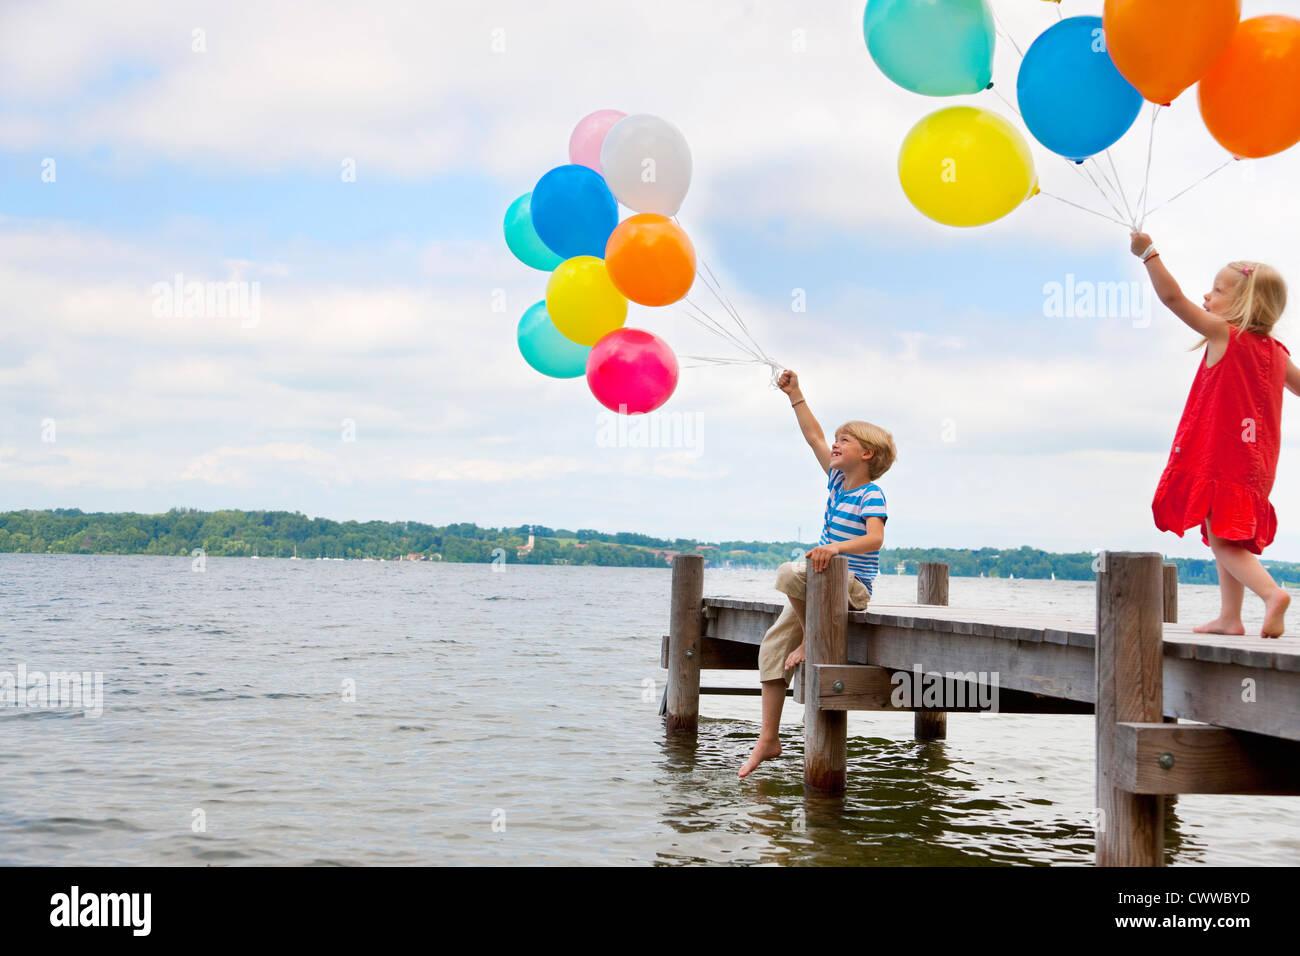 Children holding balloons on wooden pier - Stock Image